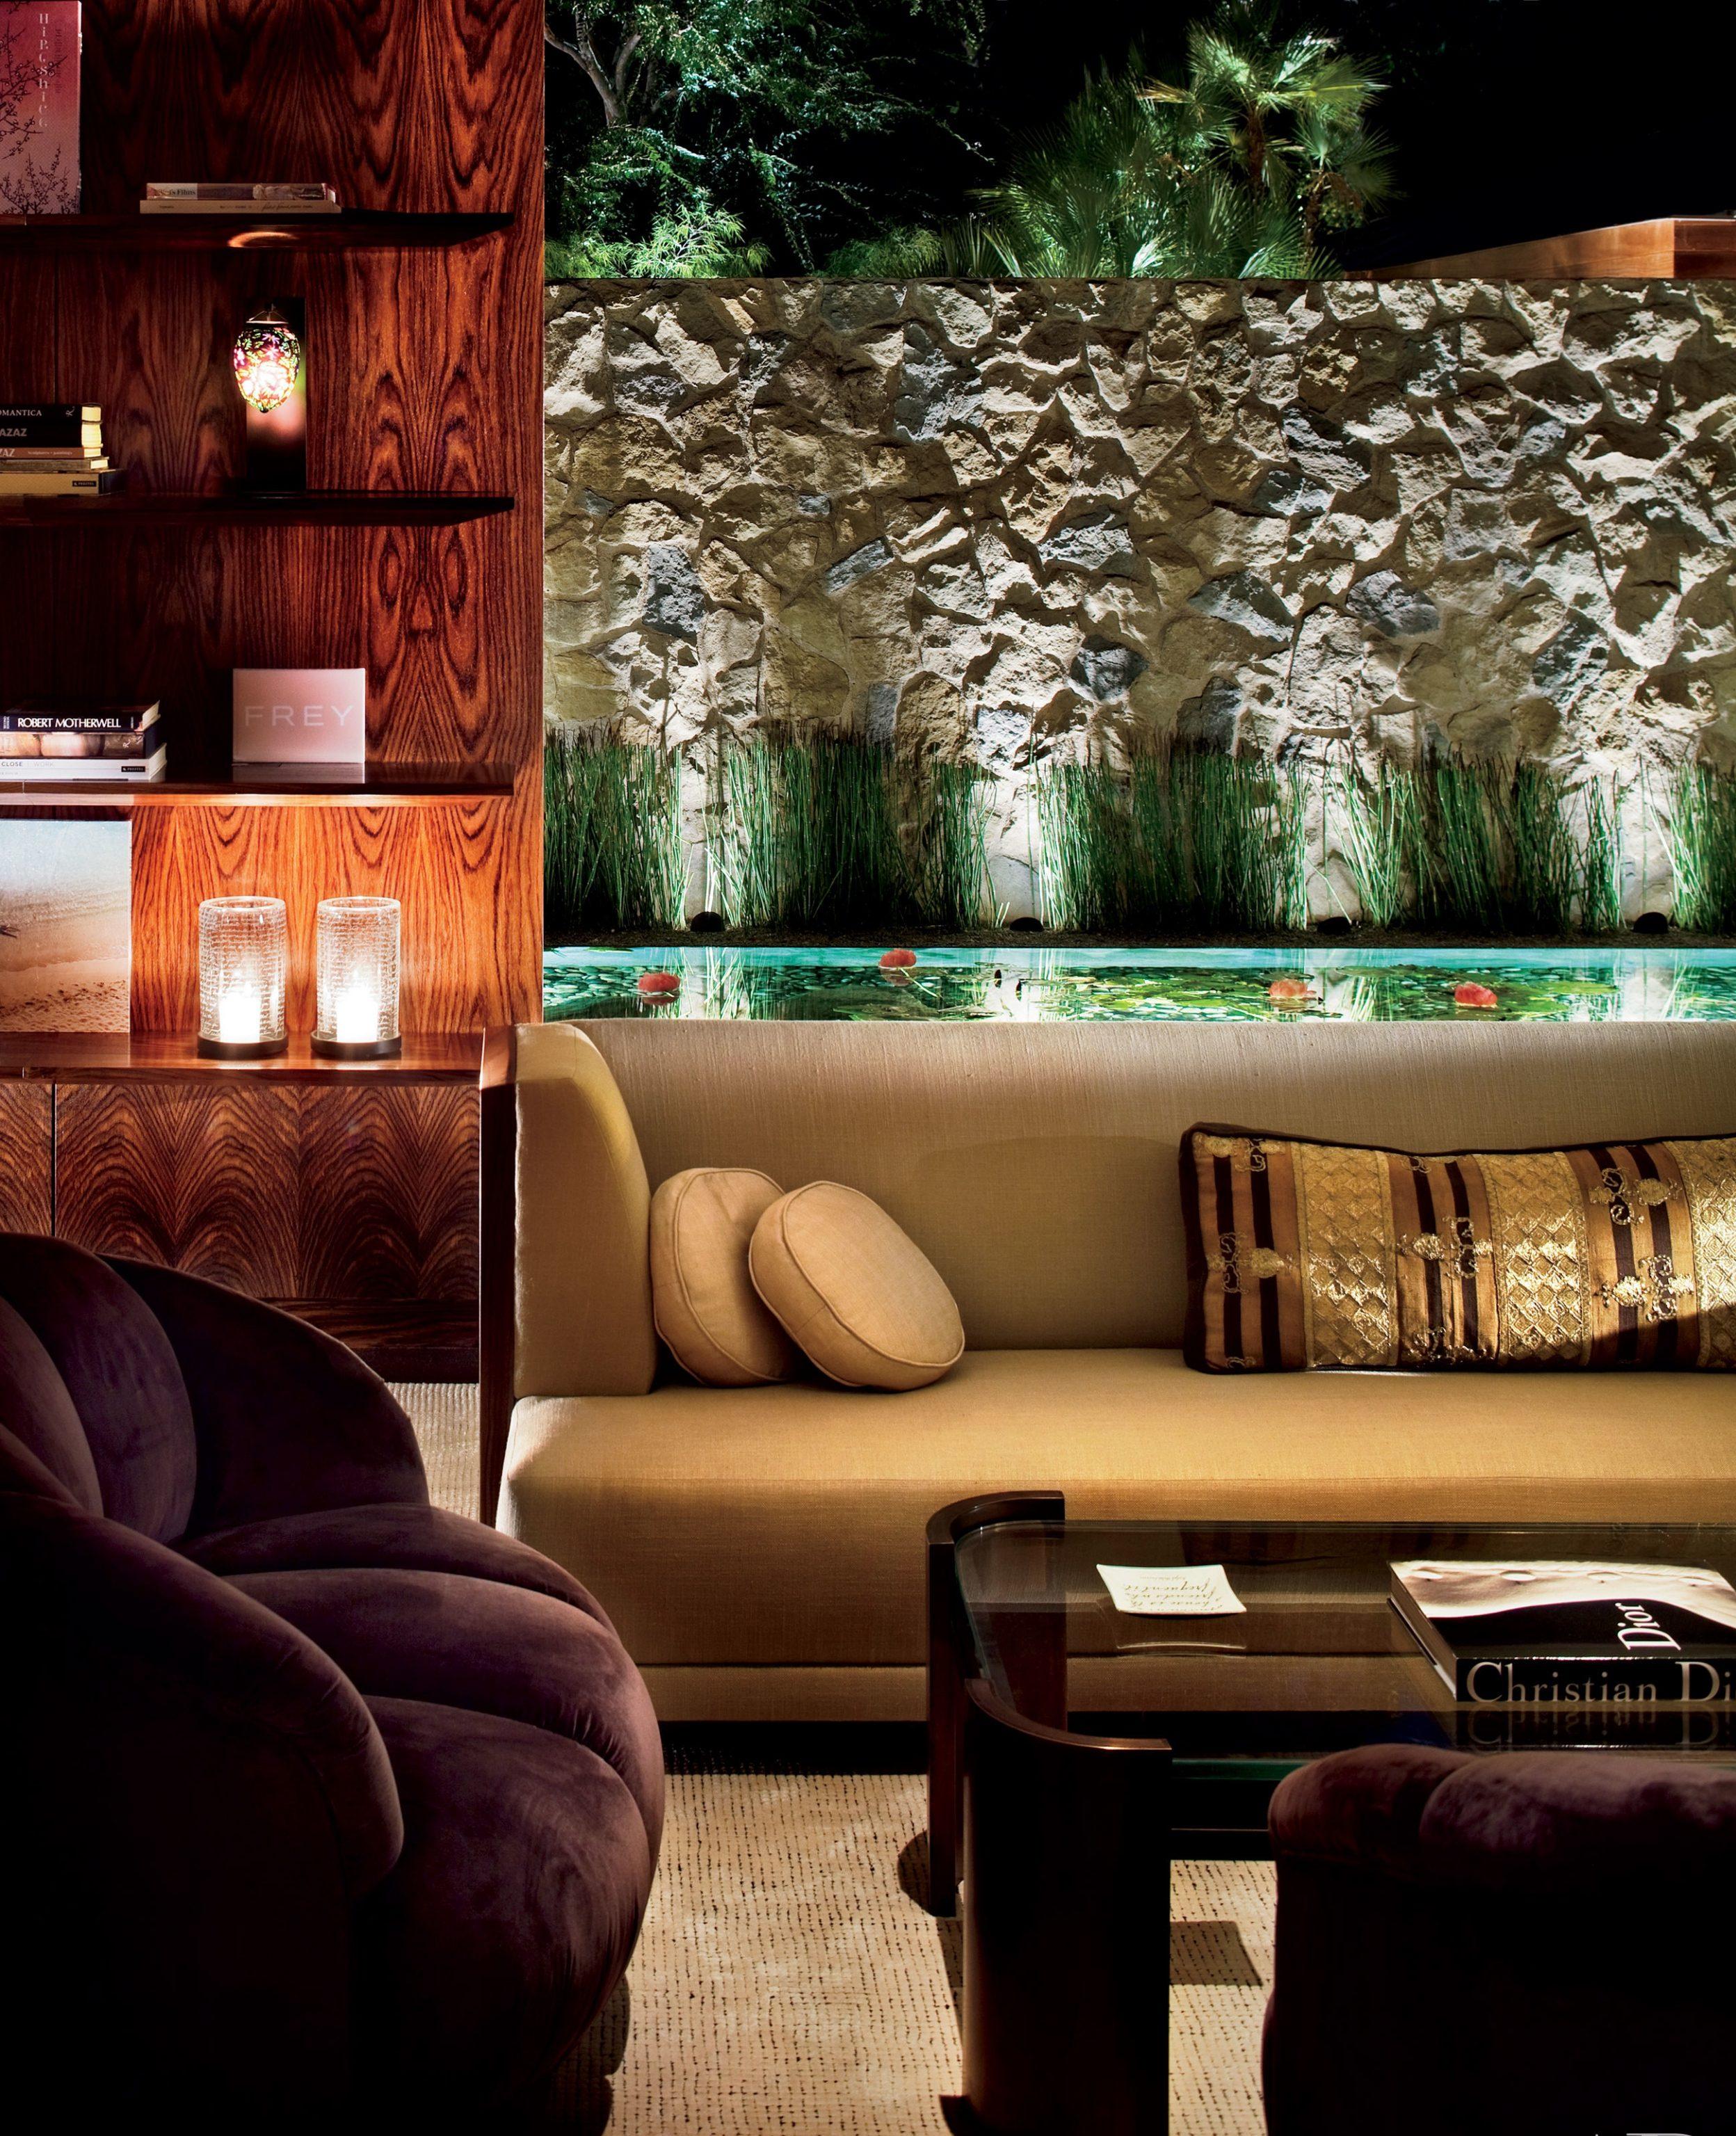 Celebrity Living Rooms 10 Stunning Celebrity Living Rooms to Inspire You 10 Stunning Celebrity Living Rooms to Inspire You7 e1467719901716